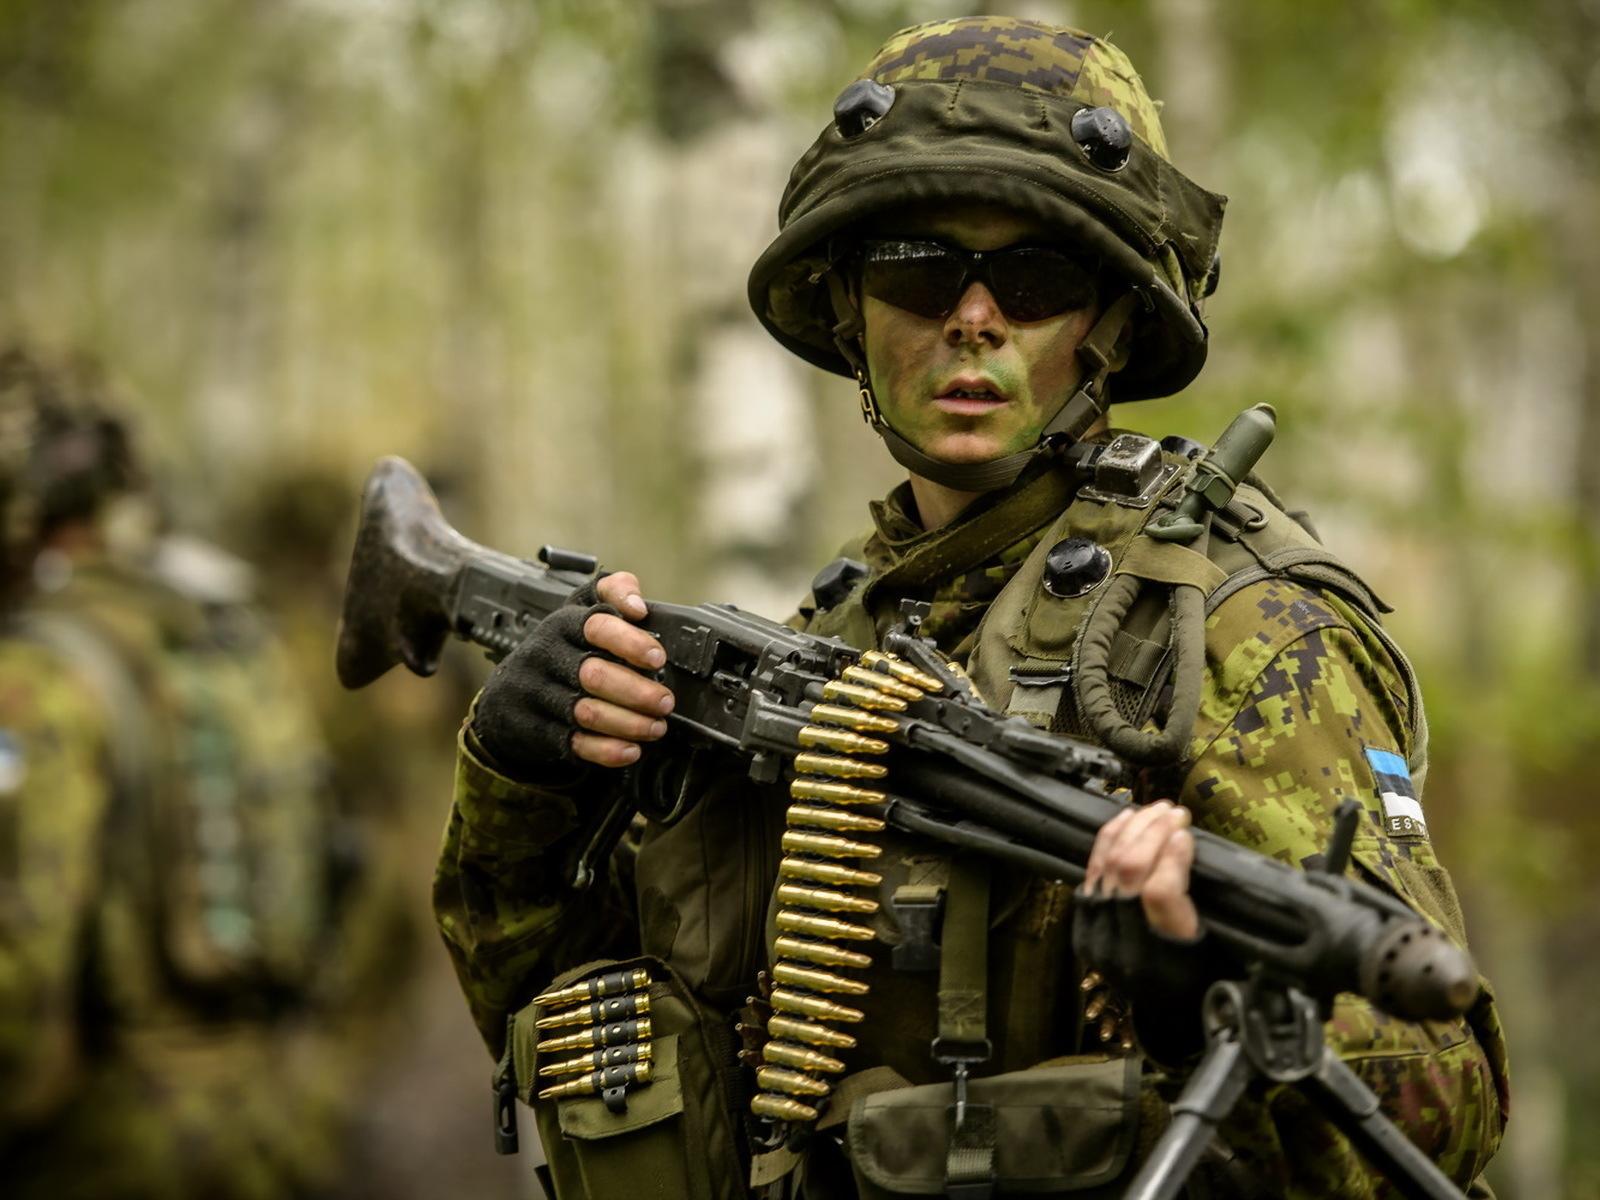 Топ-7 самых любопытных фактов об Эстонии, которые вы не знали